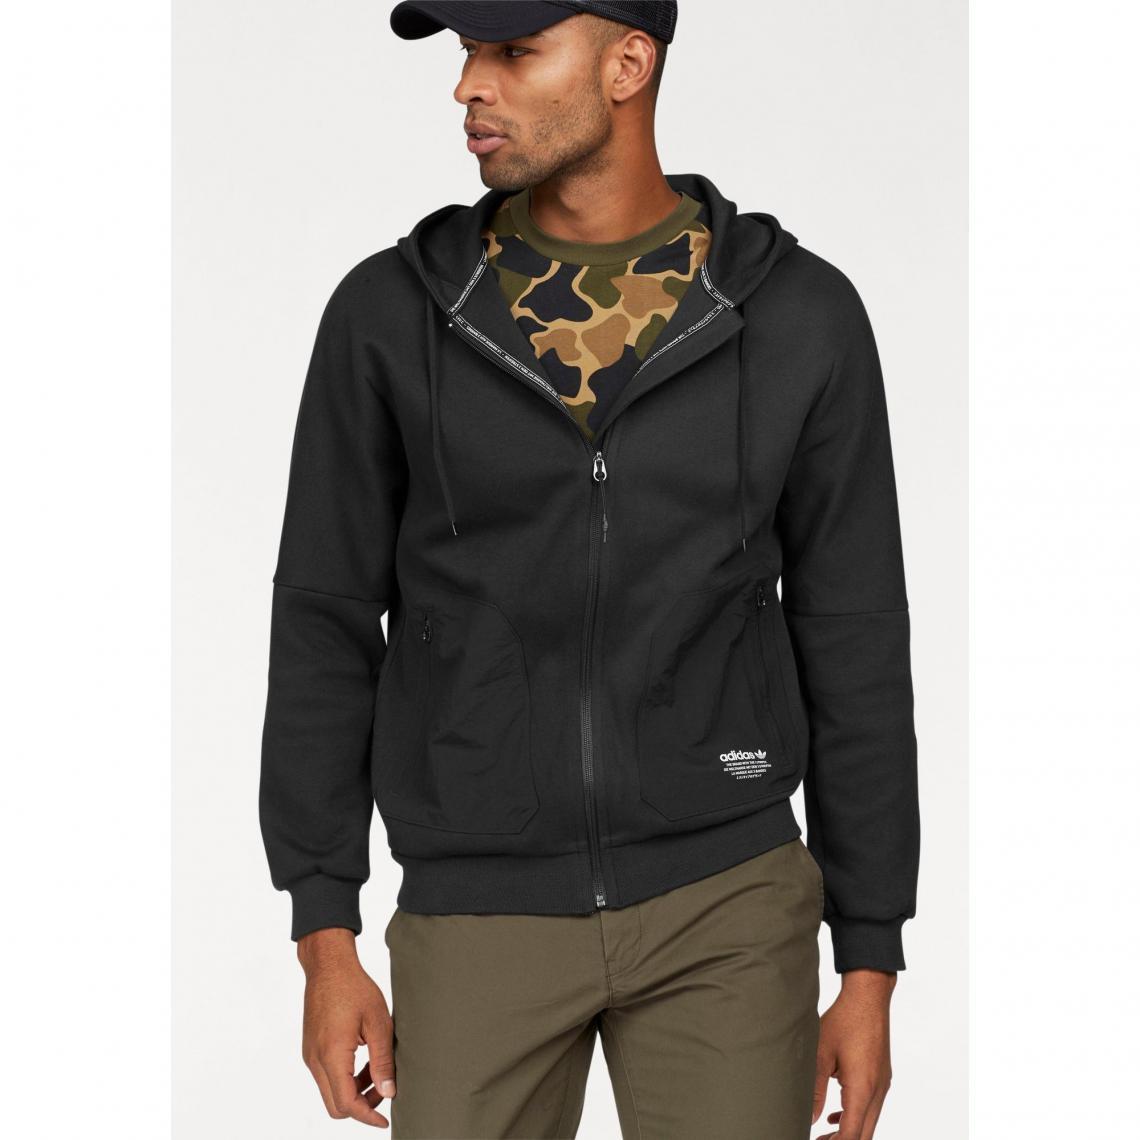 4f7fc88c3e181 Sweat zippé manches longues à capuche homme NMD adidas Originals - Noir